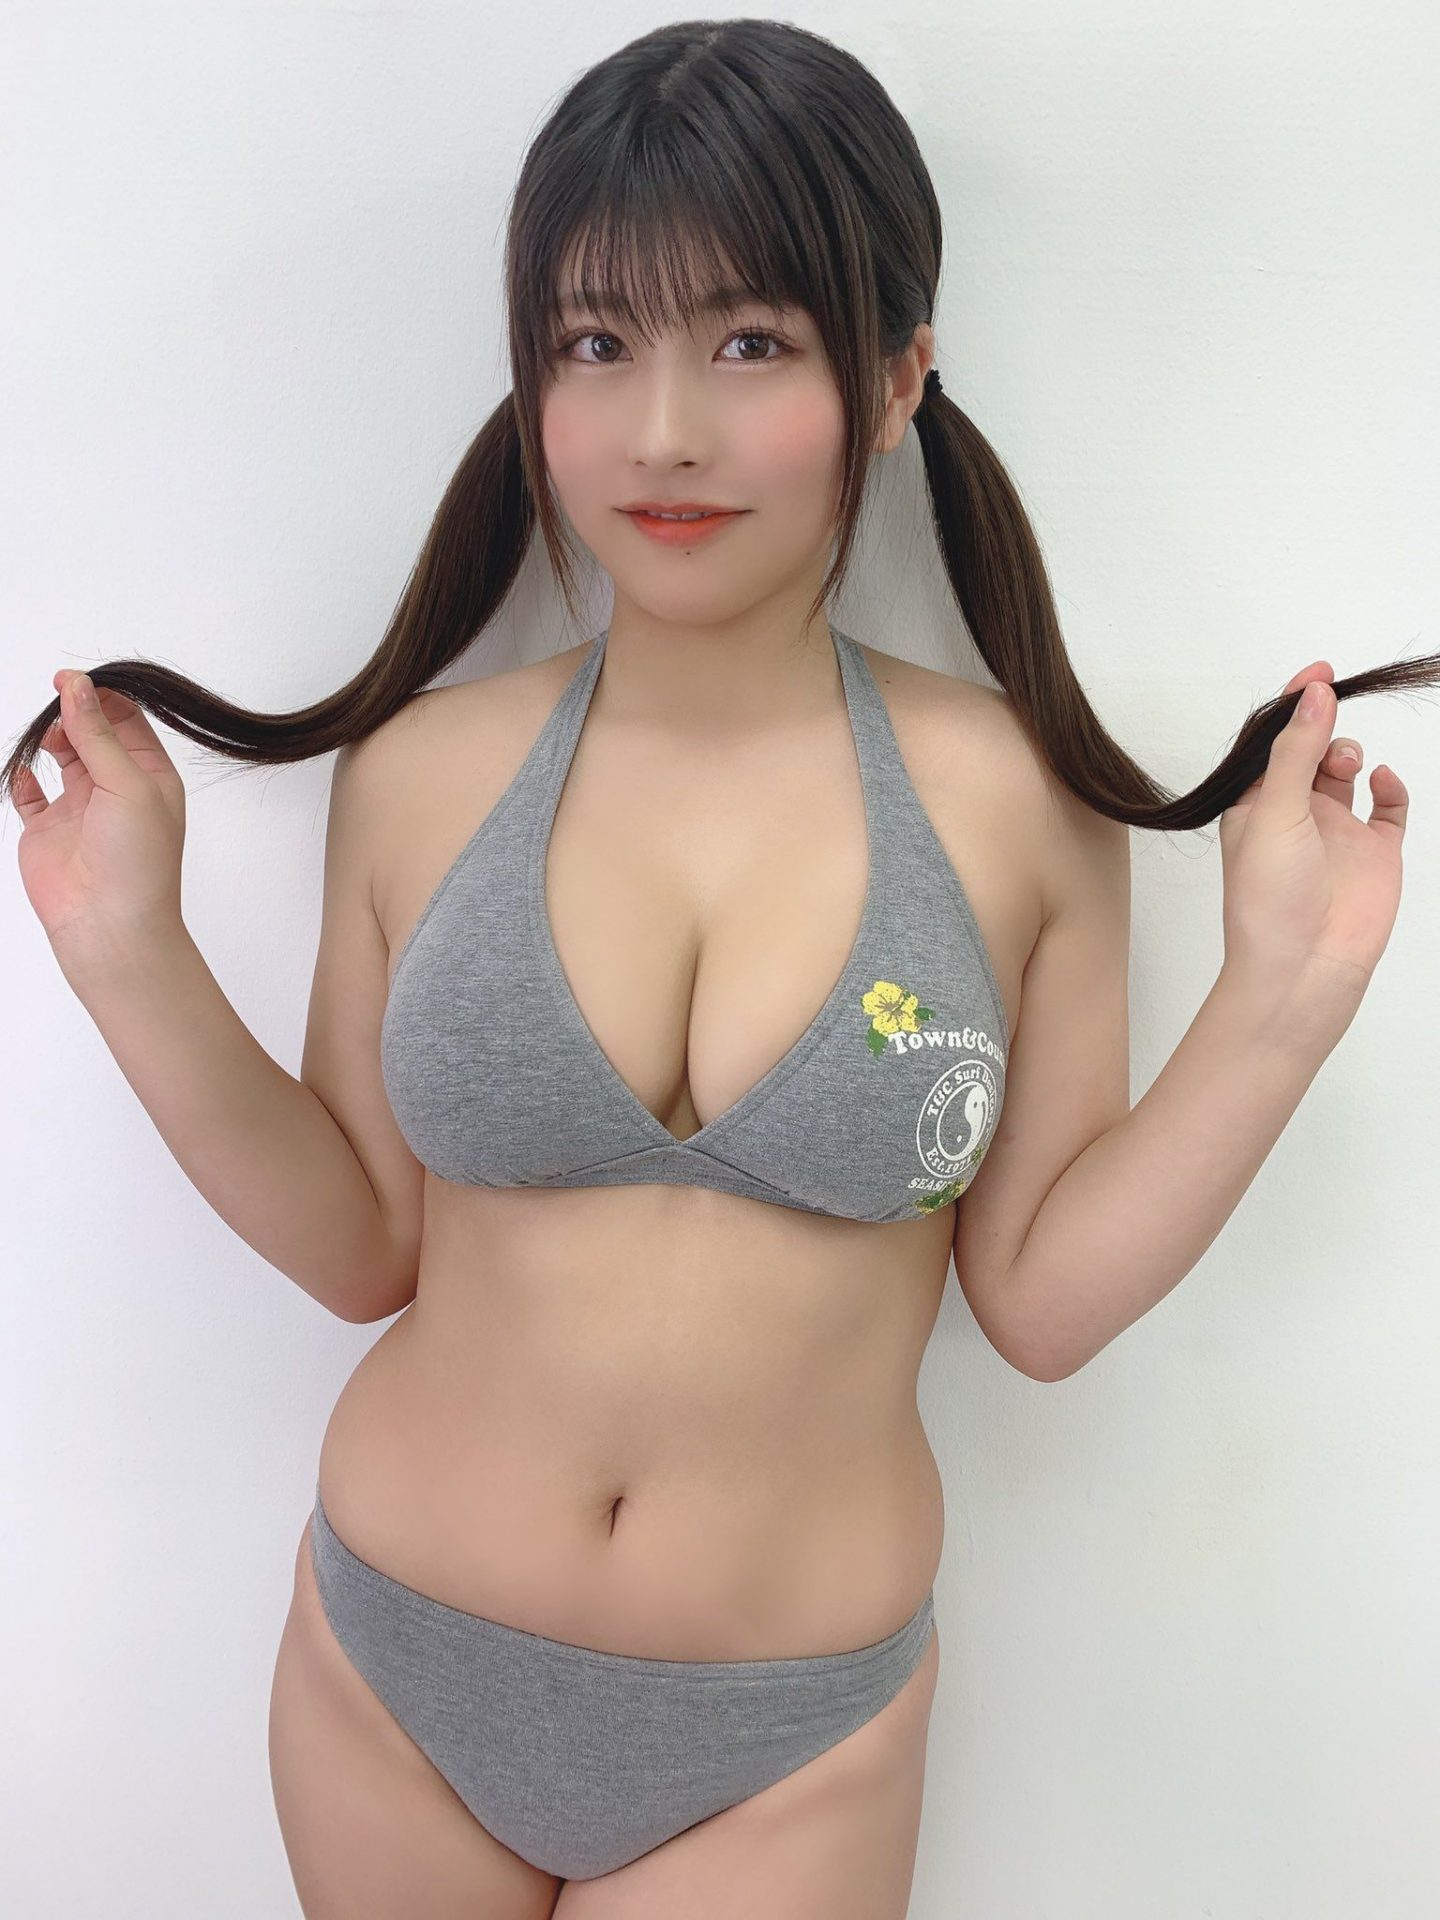 三次元 3次元 エロ画像 ツインテール ビキニ べっぴん娘通信 23